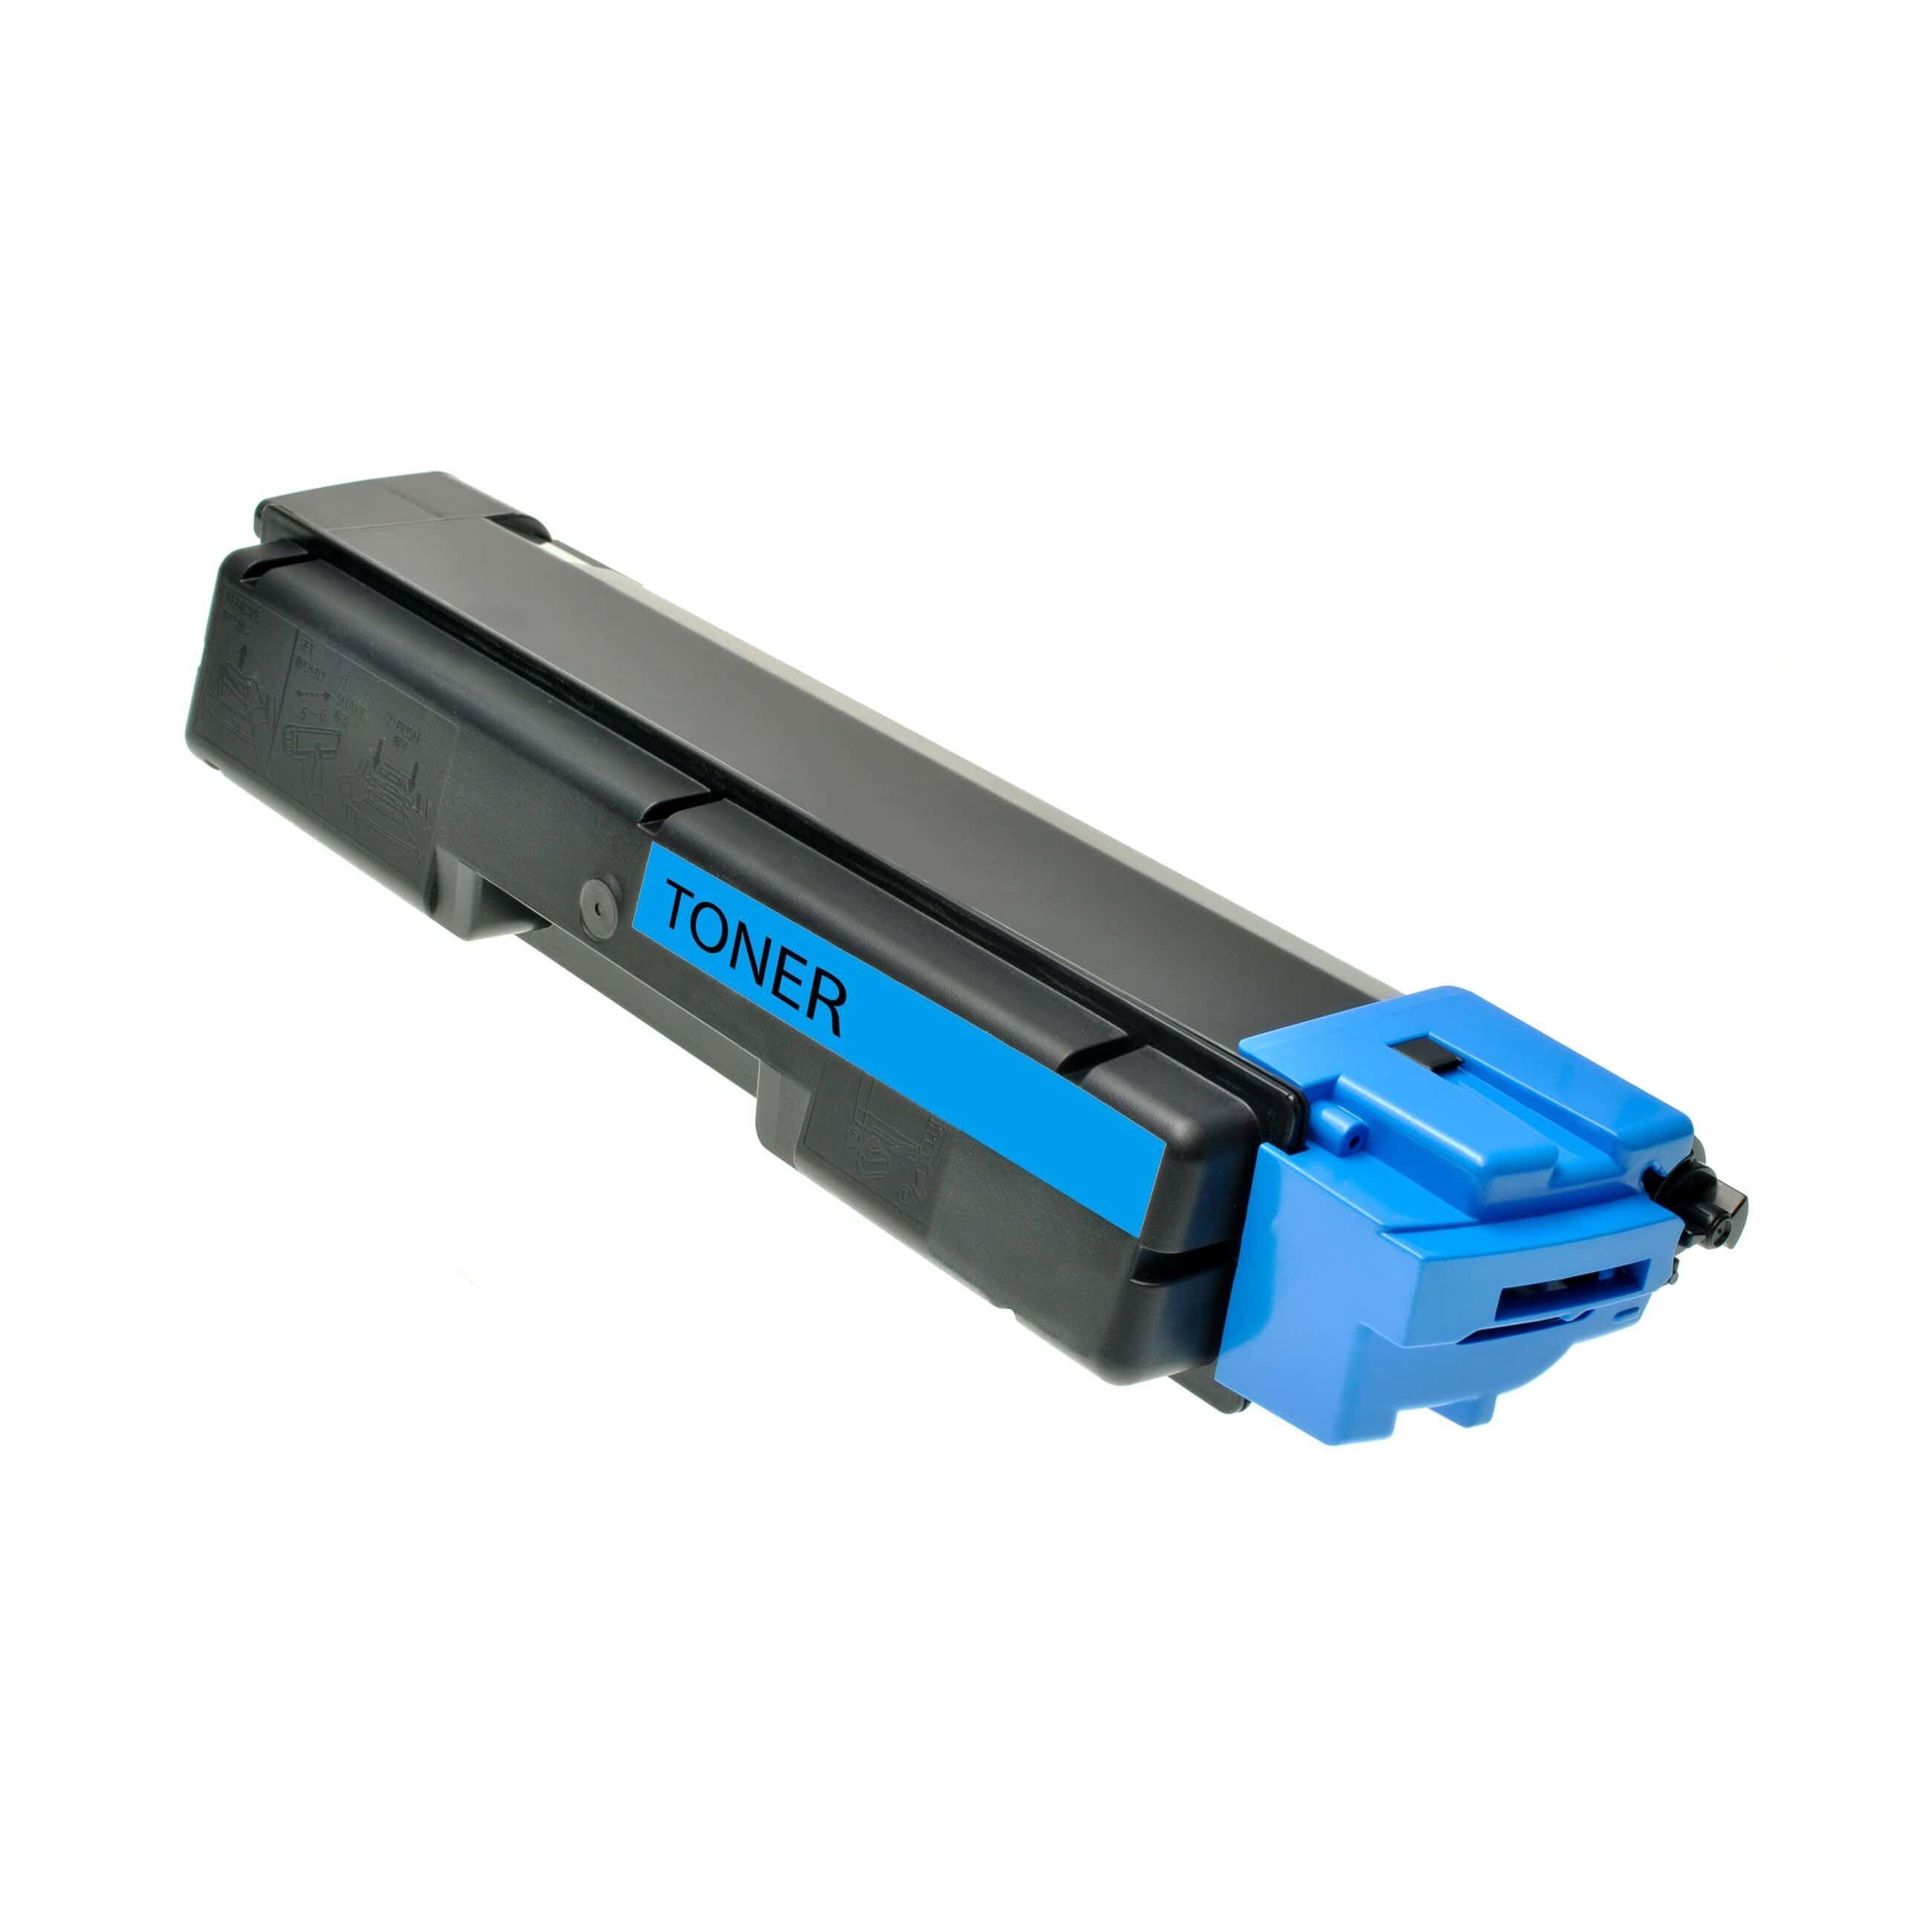 Utax Cartouche de Toner pour Utax 4472110011 cyan compatible (de marque ASC)